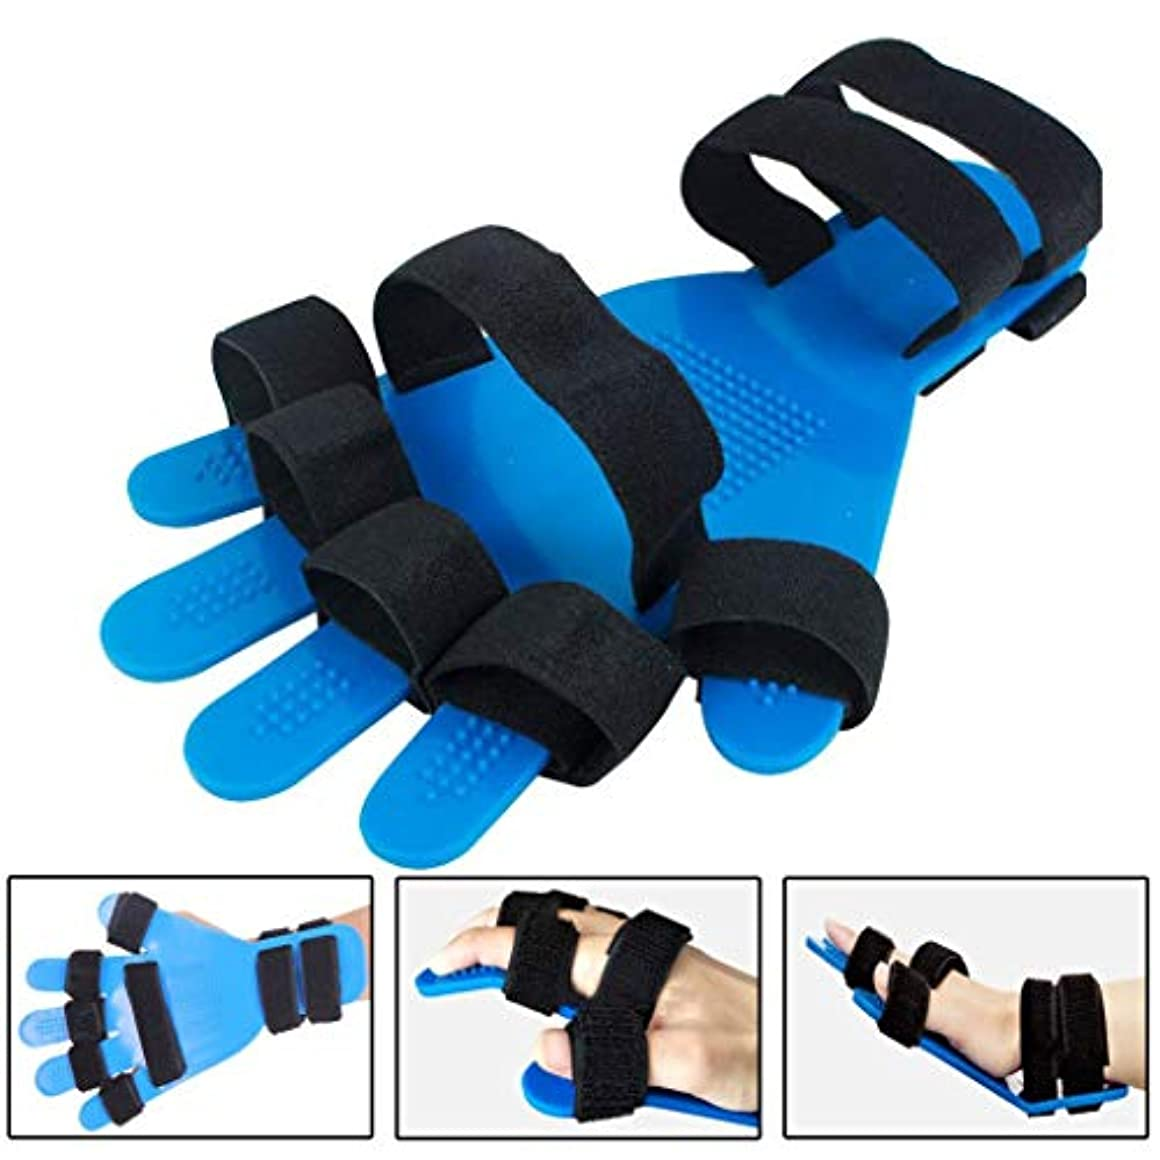 開梱しょっぱいシャツ指の添え木指板指の分離器 - 脳卒中/片麻痺/外傷性脳損傷のための指矯正器指板